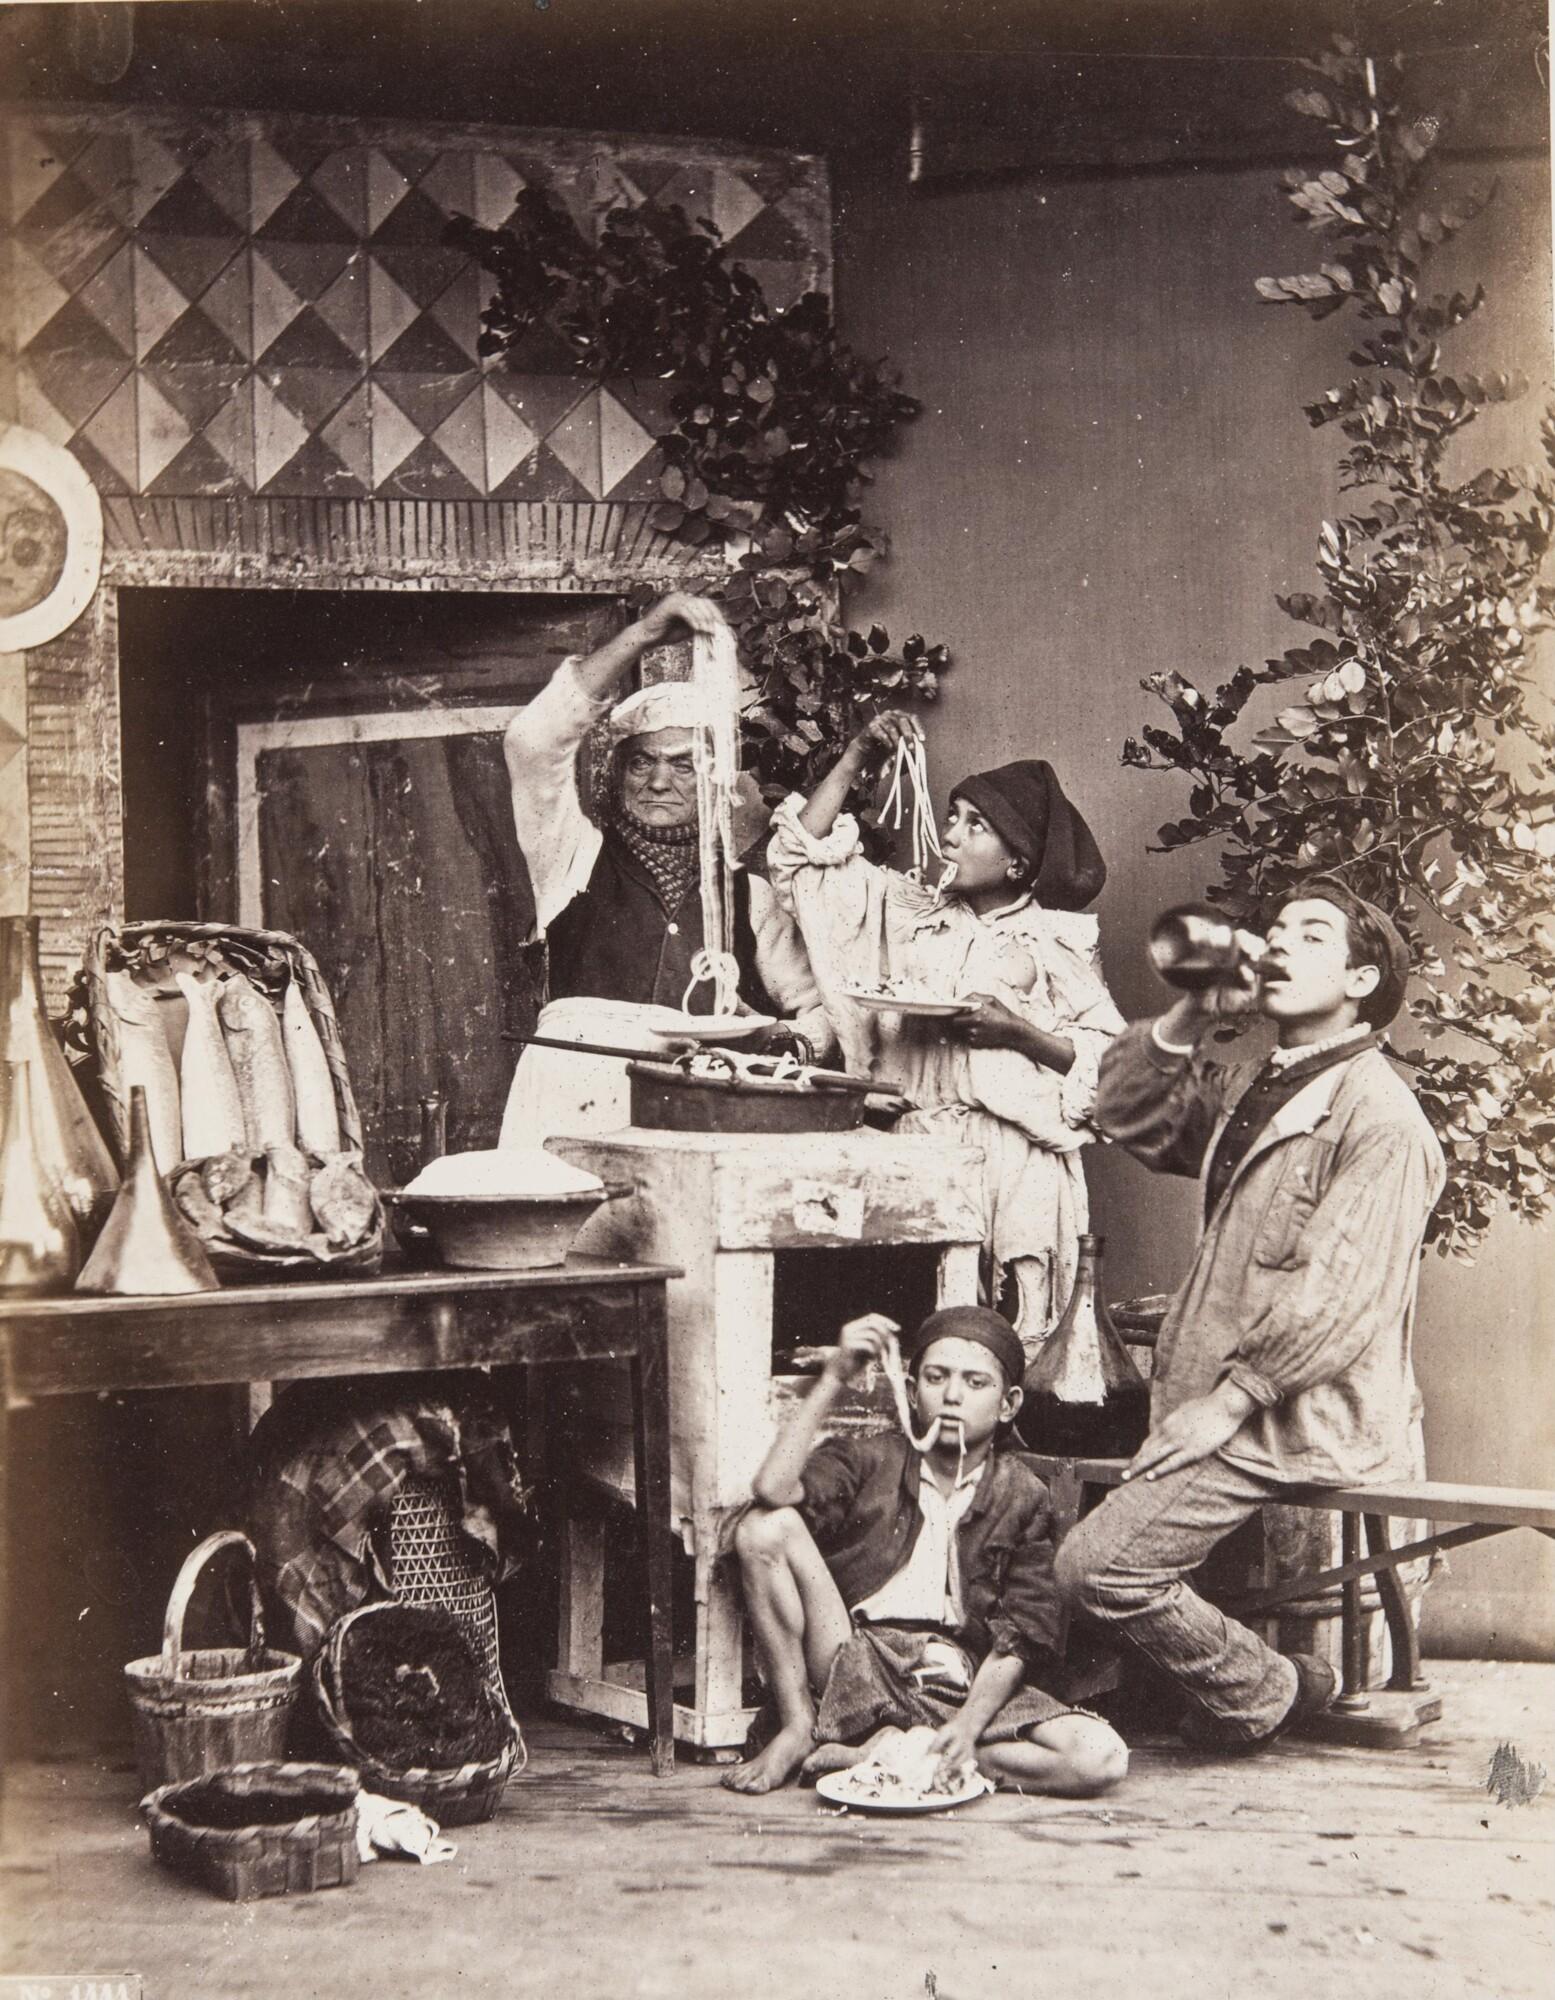 Джорджо Зоммер.    Неаполитанцы: продавцы пасты, рыбы и вина, 1865   Альбуминовый отпечаток